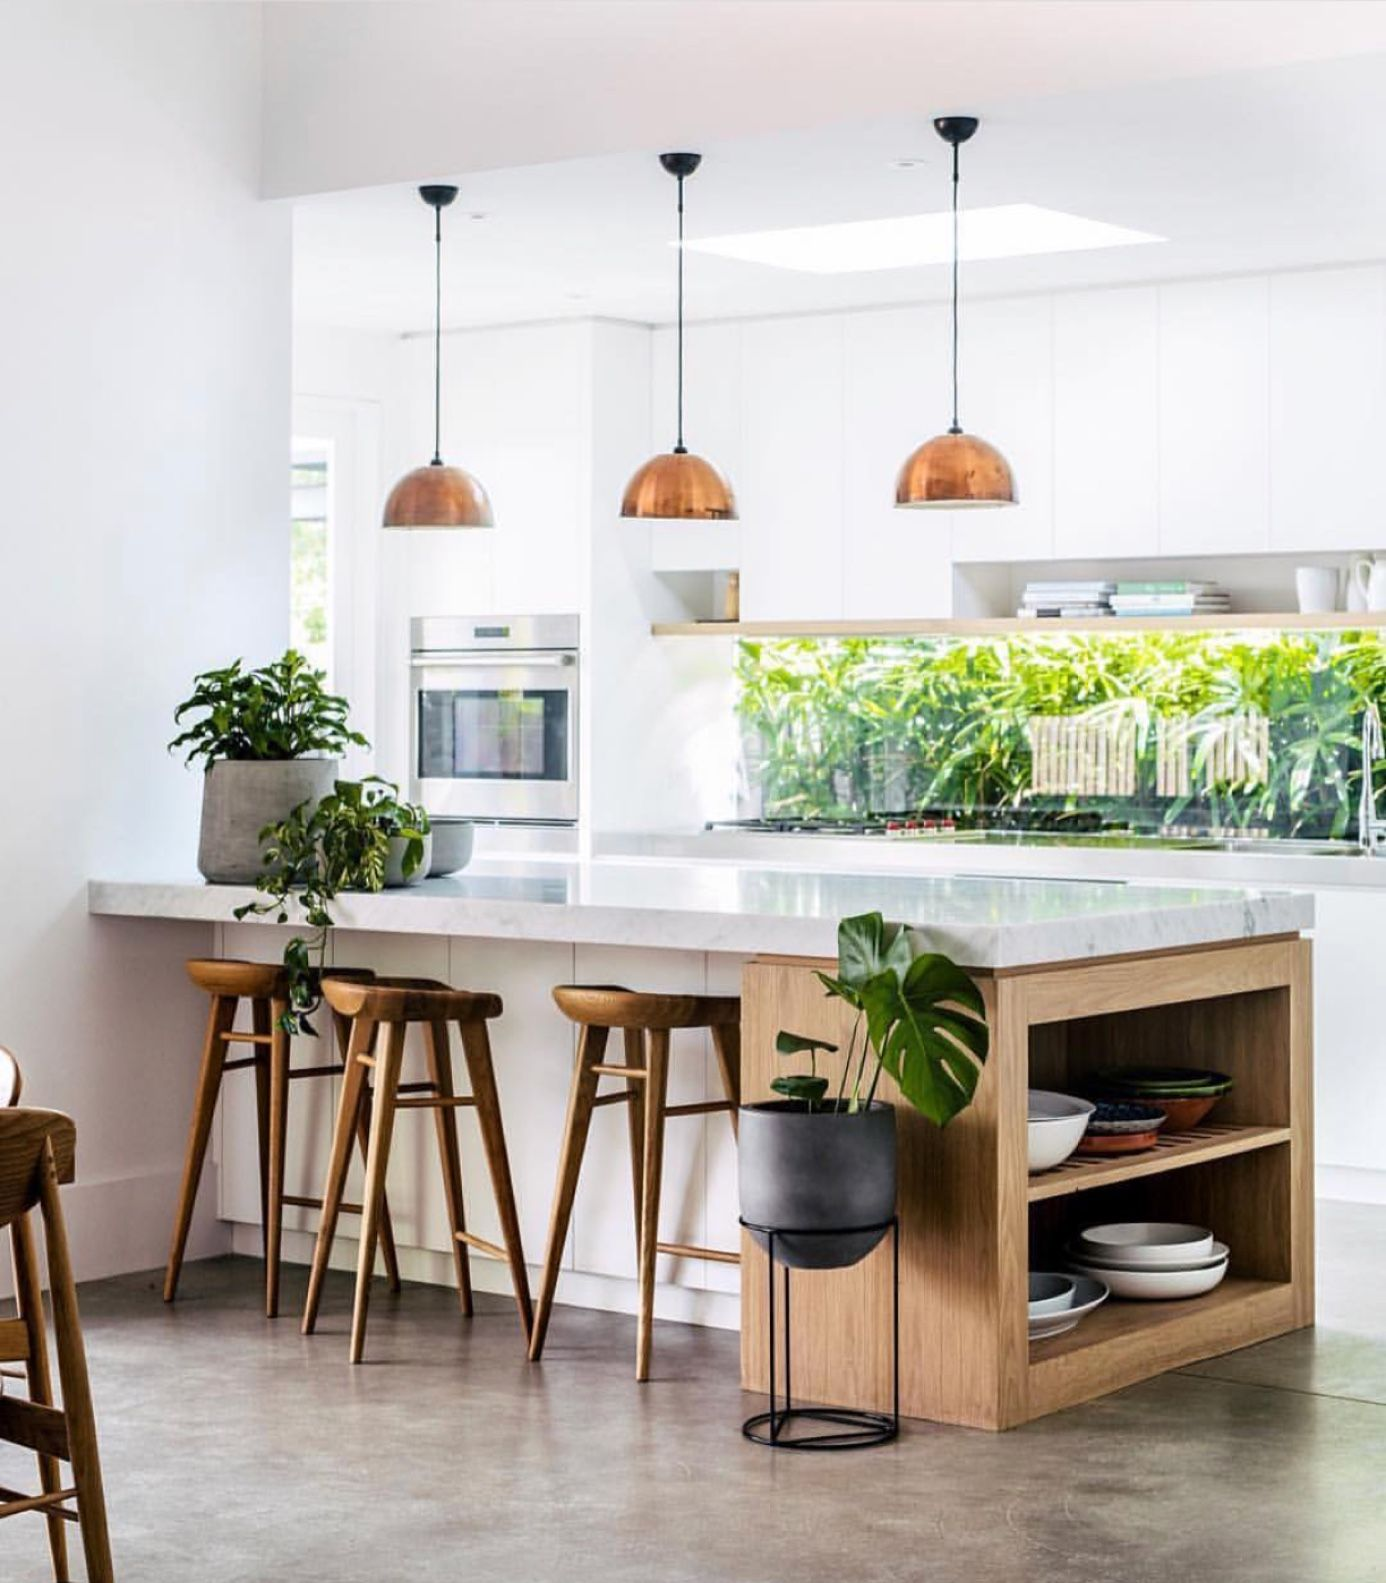 Mit Ausgewählten Pflanzen Und Home Accessoires Verwandeln Sie Ihre Räume In  Ein Einladendes Zuhause.